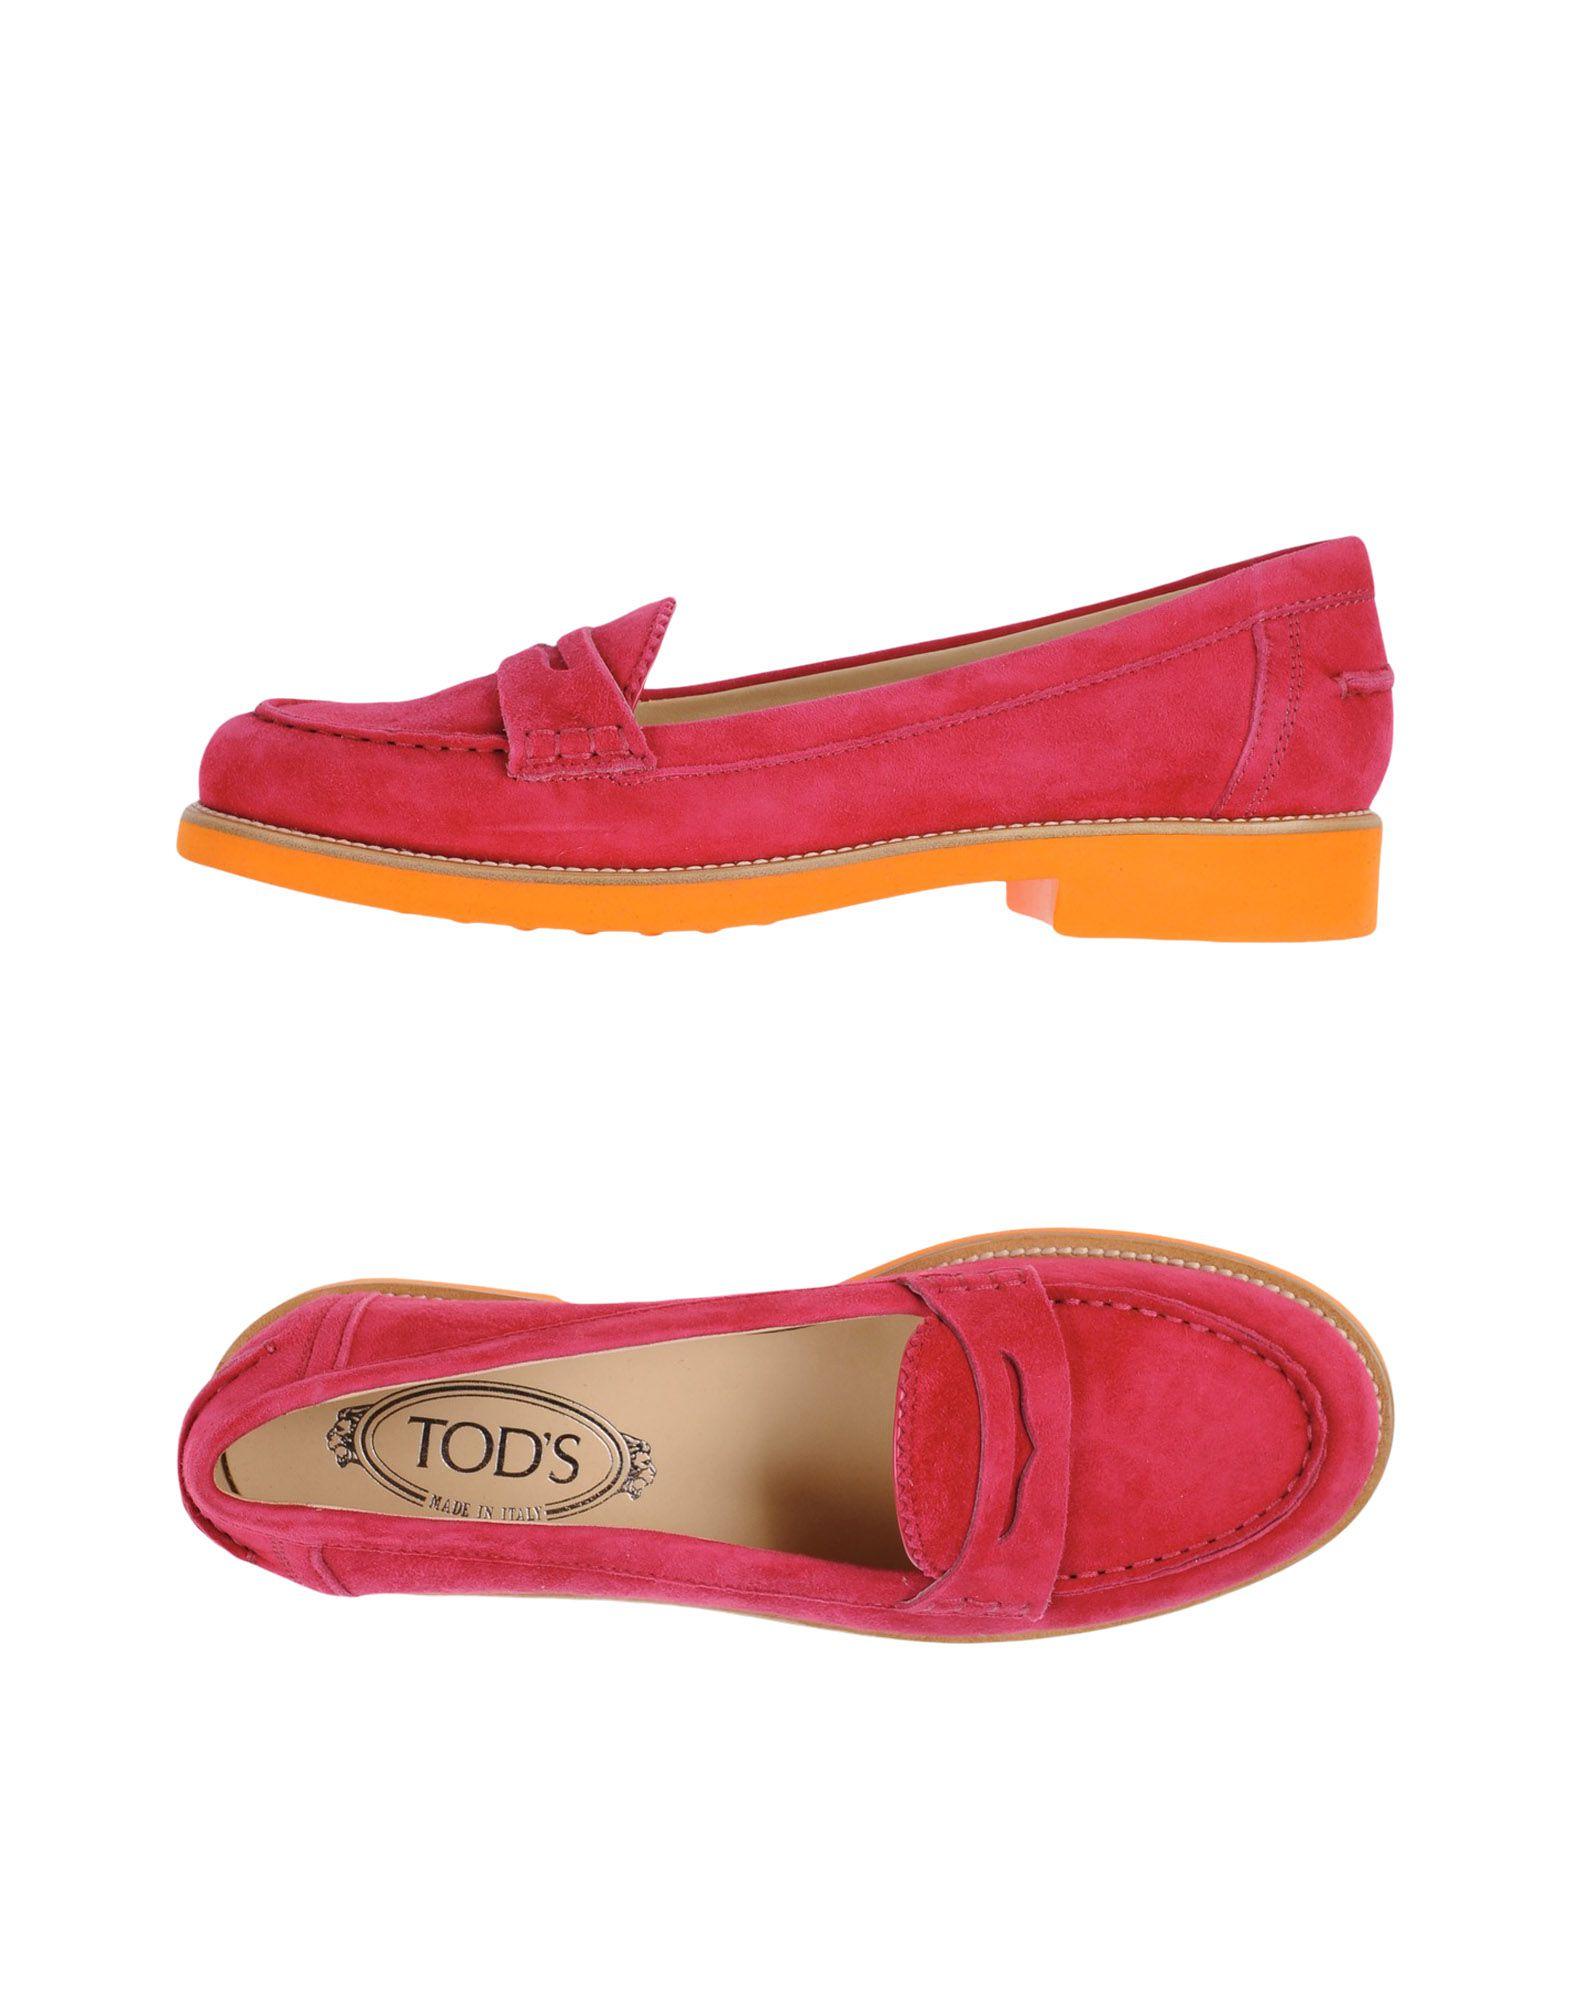 Tod's Mokassins Damen   11335423JH Heiße Schuhe b97671